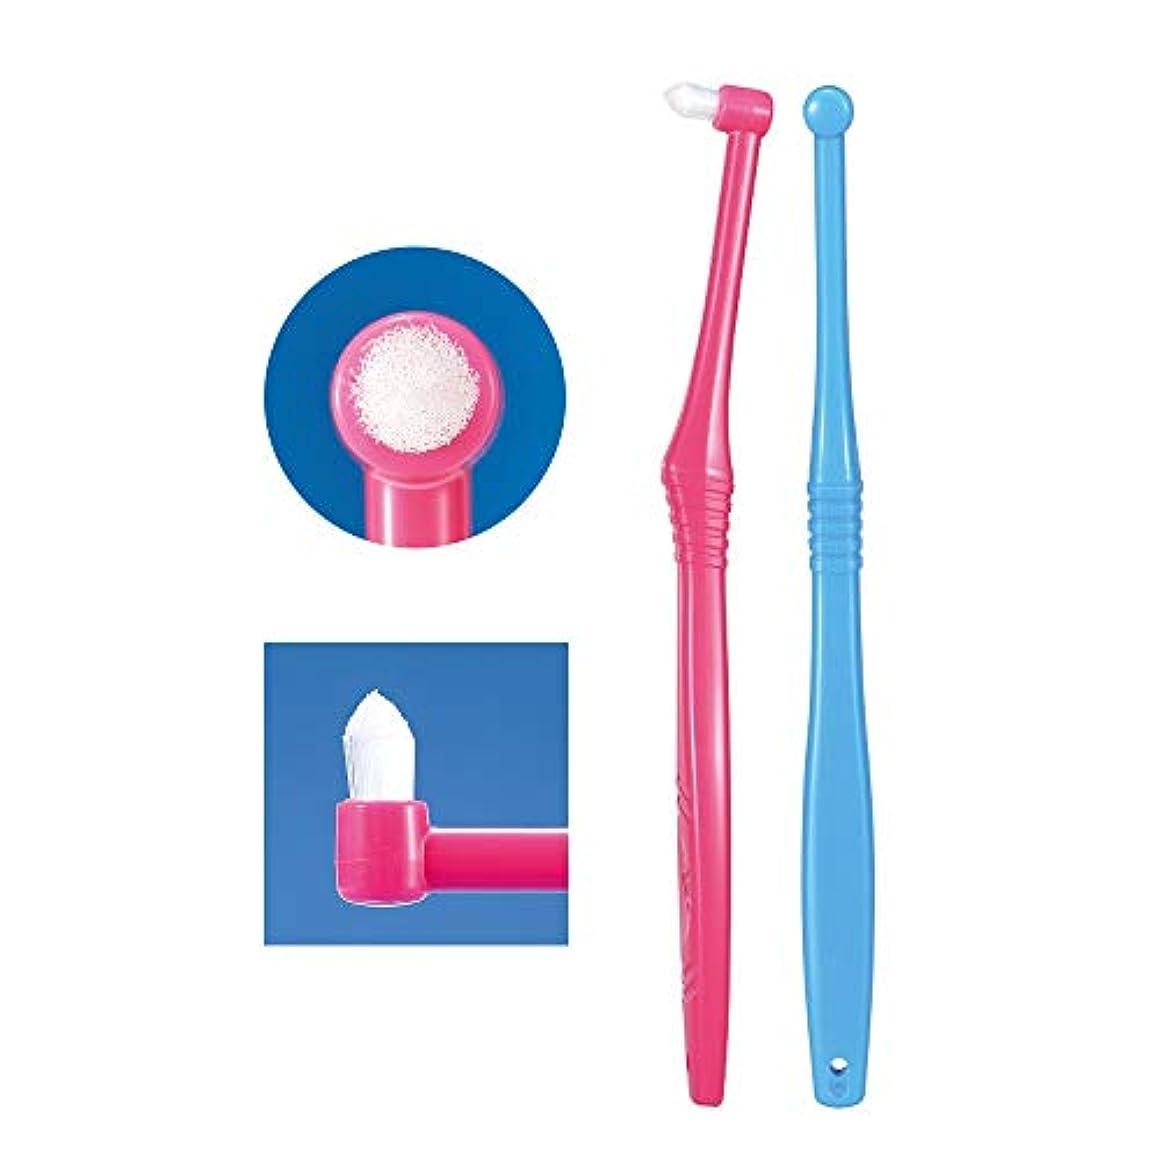 農奴雇用深さCi PROワンタフト 1本 ラージヘッド M(ふつう) ポイント磨き 歯科専売品